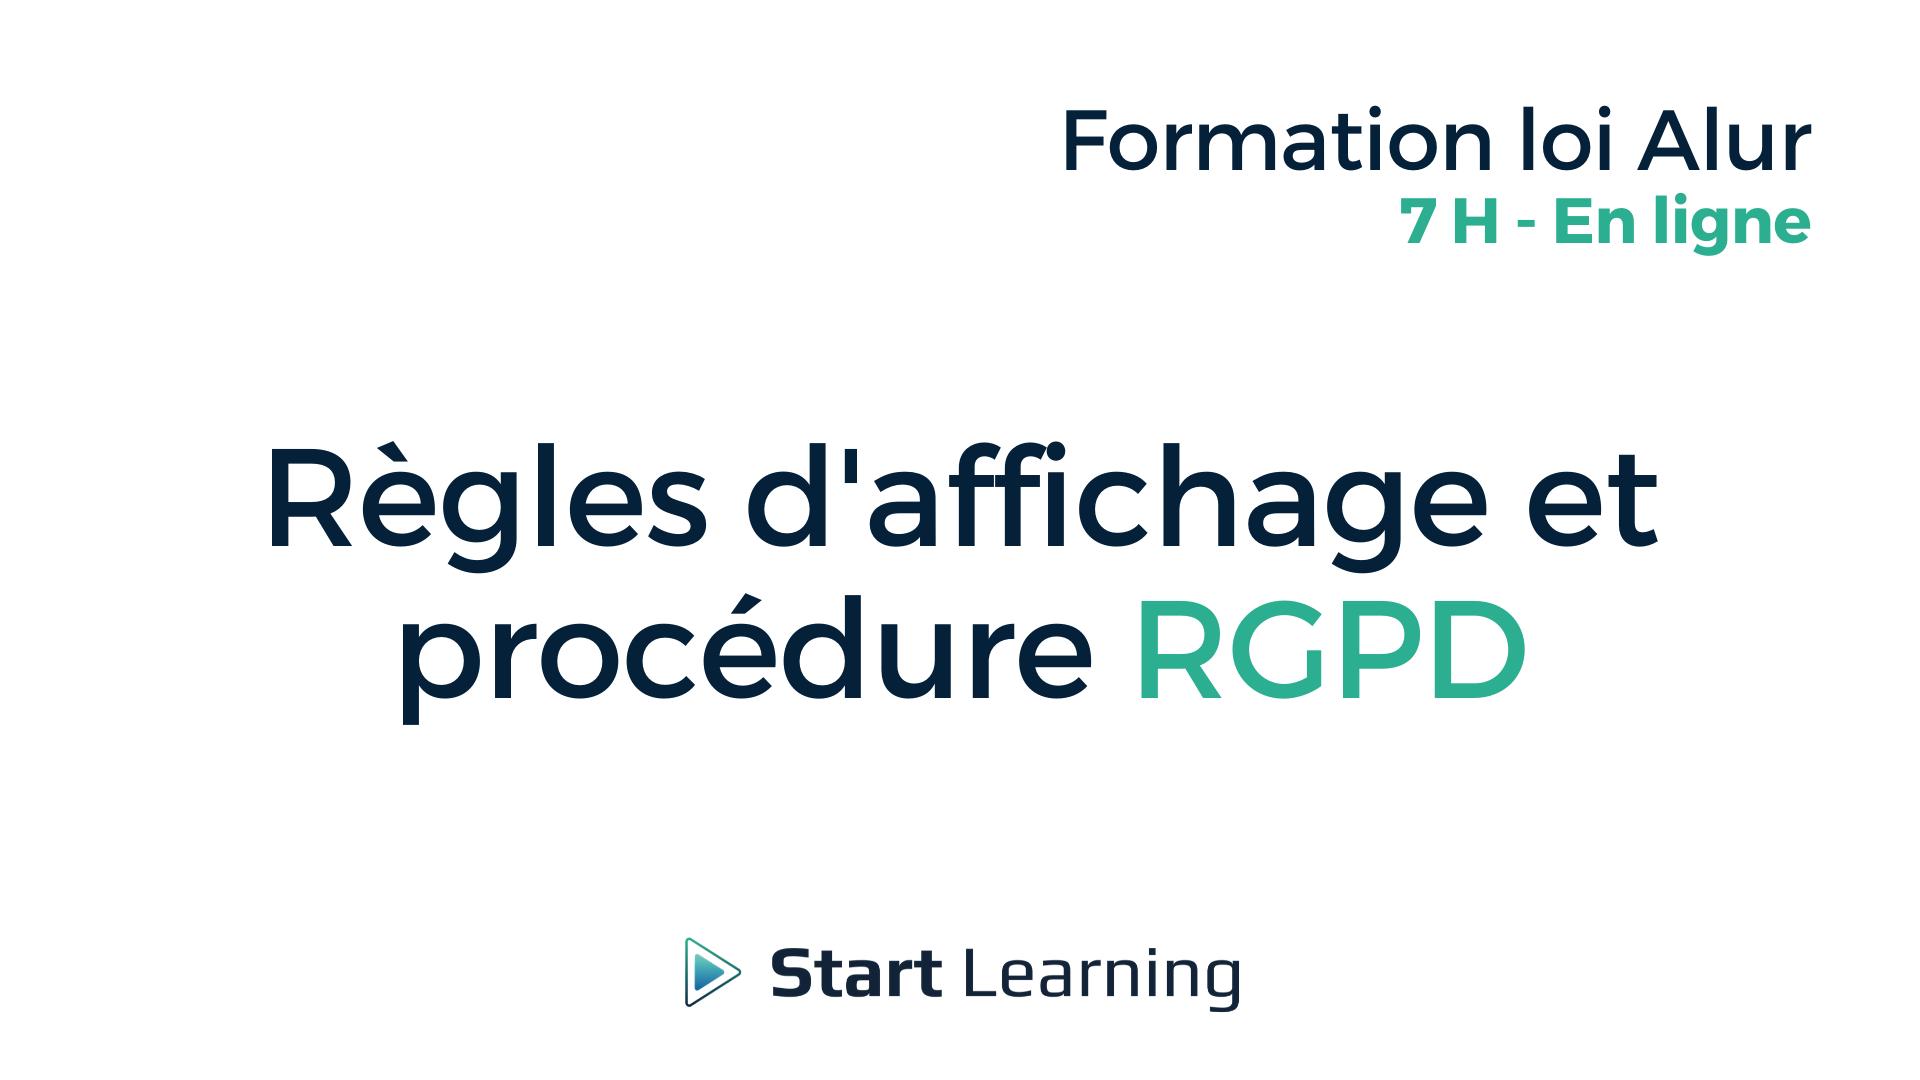 Formation loi Alur en ligne - Règles d'affichage et procédure RGPD